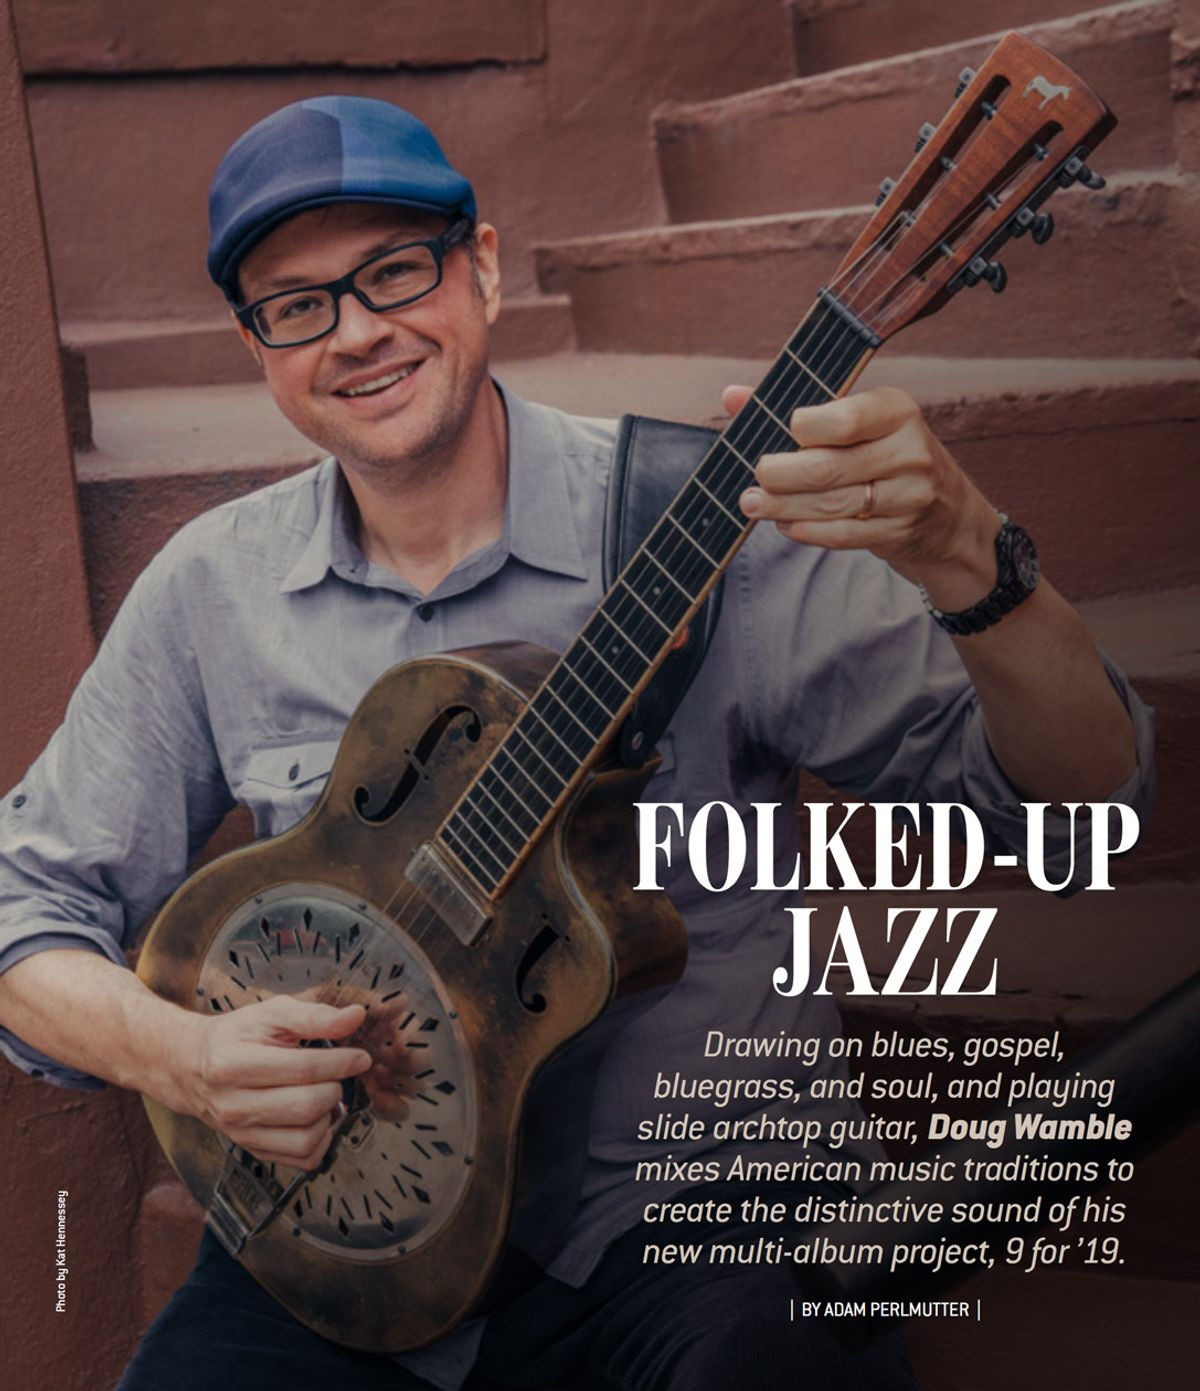 Doug Wamble's Folked-Up Jazz